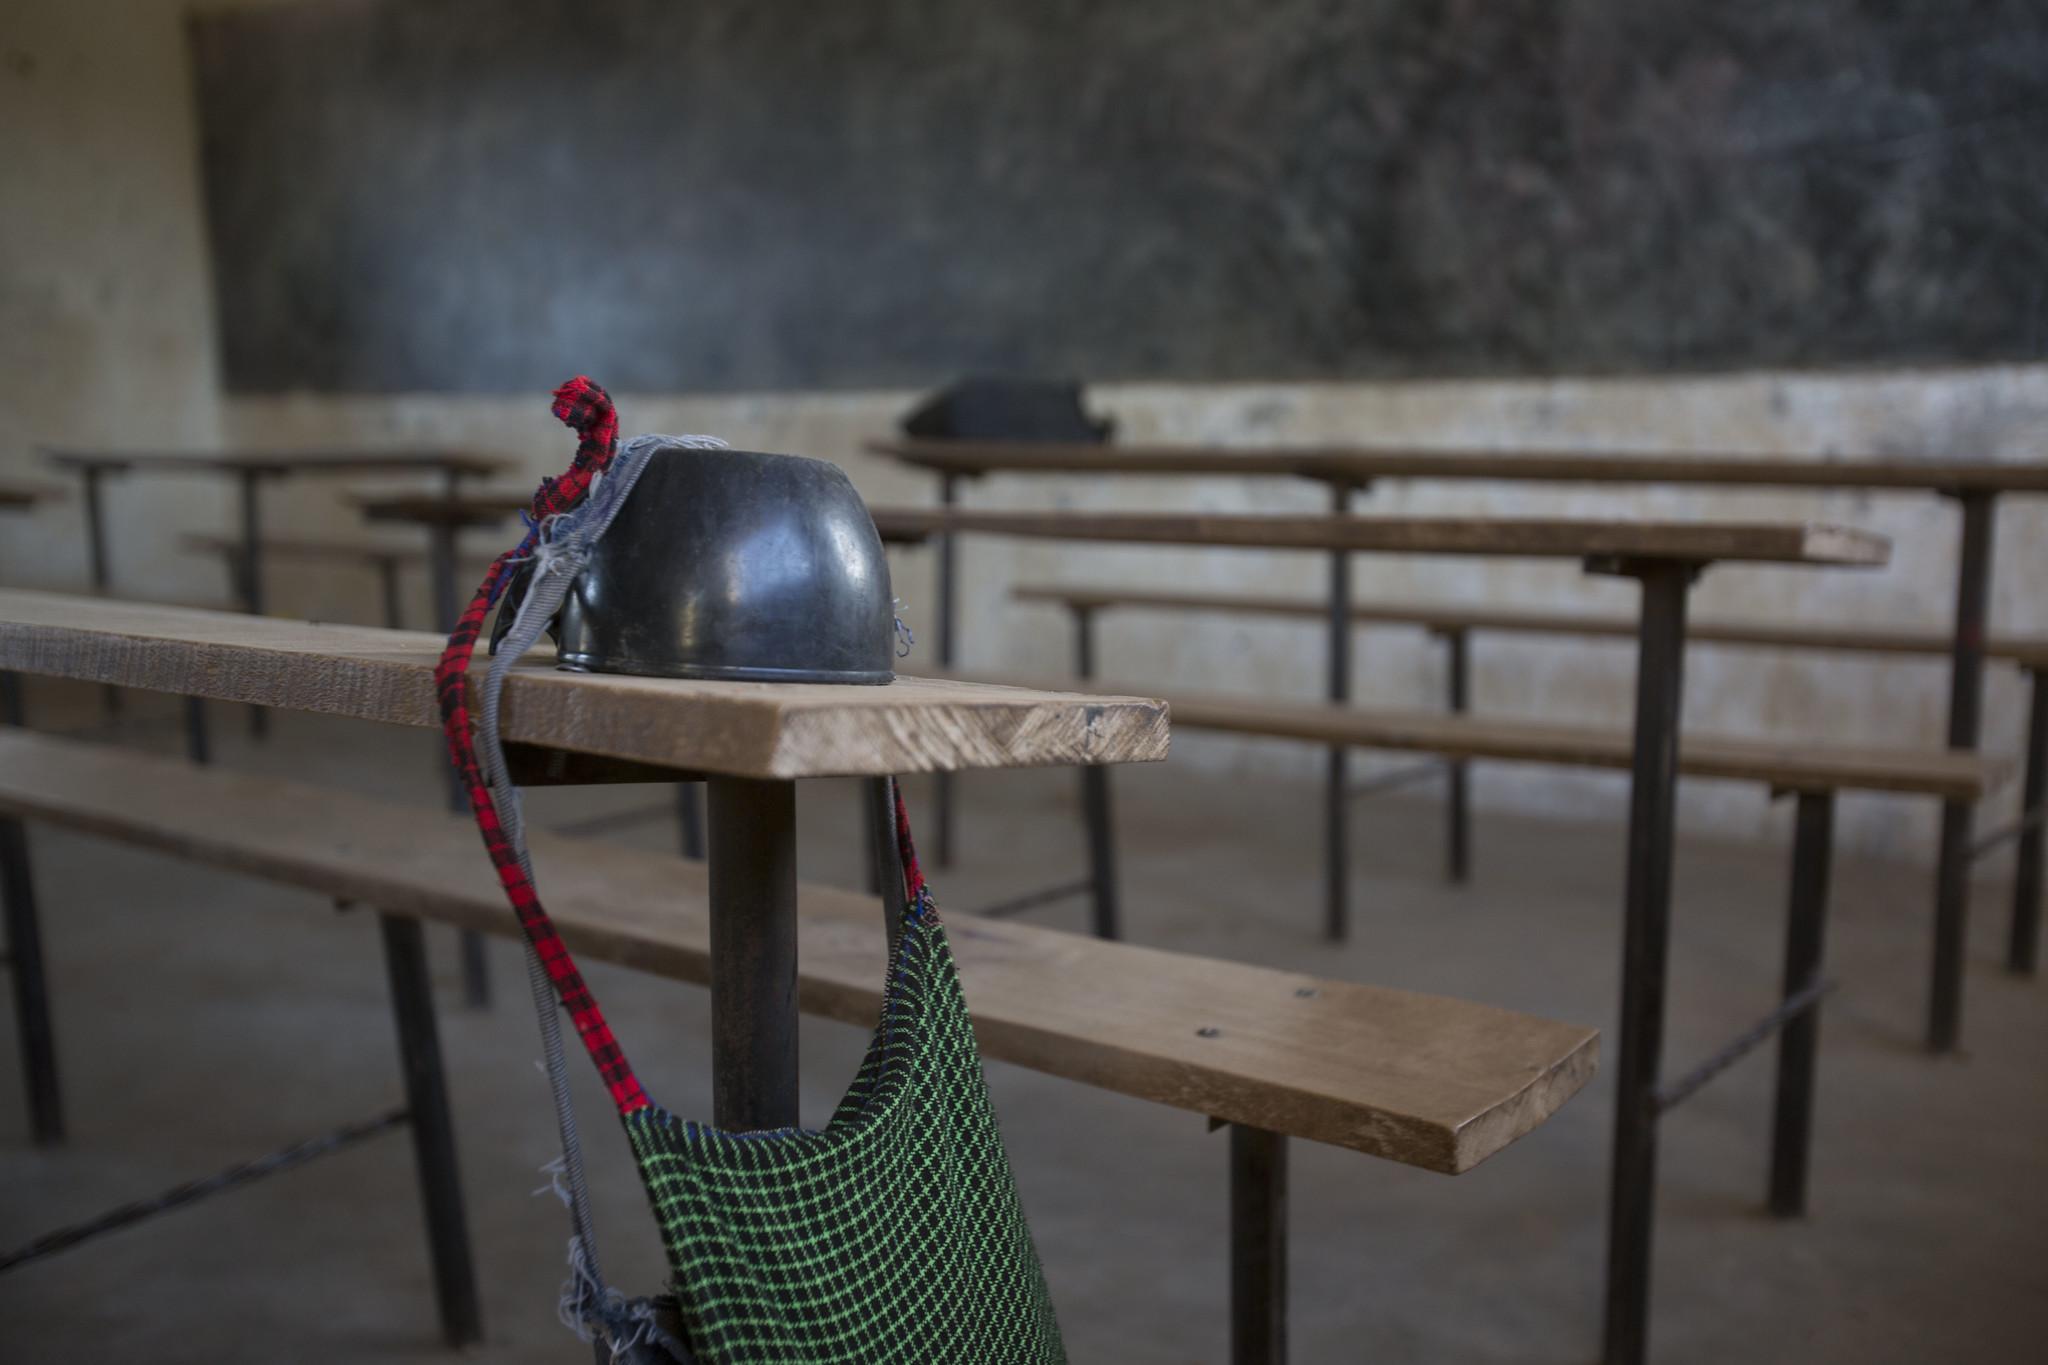 L'Unesco met un million de dollars pour atténuer l'impact de Covid-19 sur l'Éducation au Sénégal